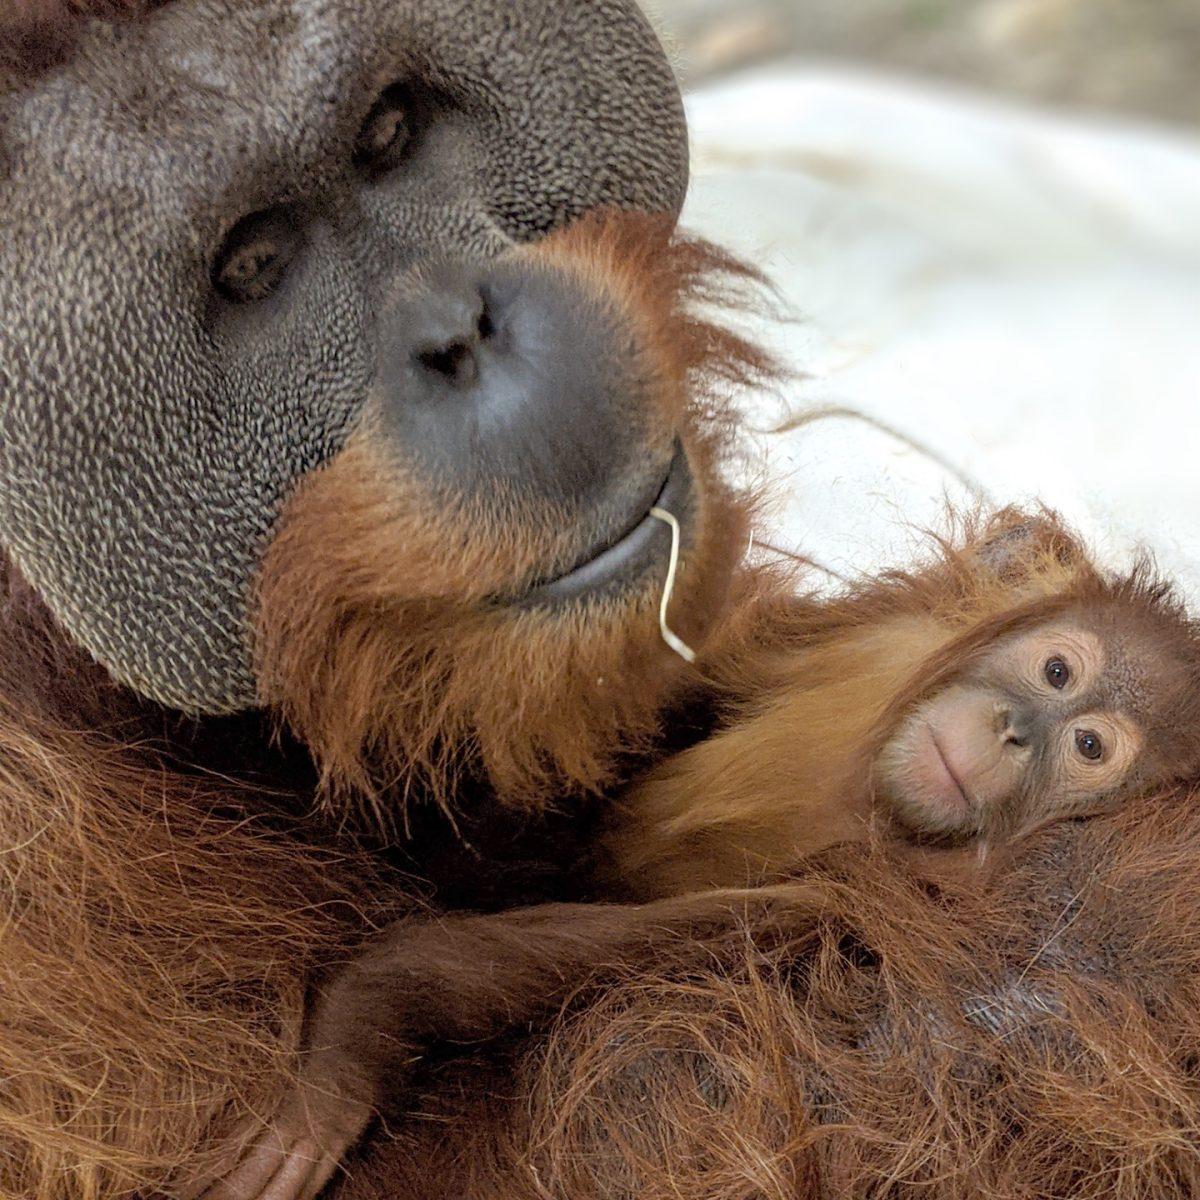 orangotango macho cuida da filha depois da morte da mae e comove zoologico 2 scaled - Orangotango macho cuida da filha depois da morte da mãe e comove zoológico